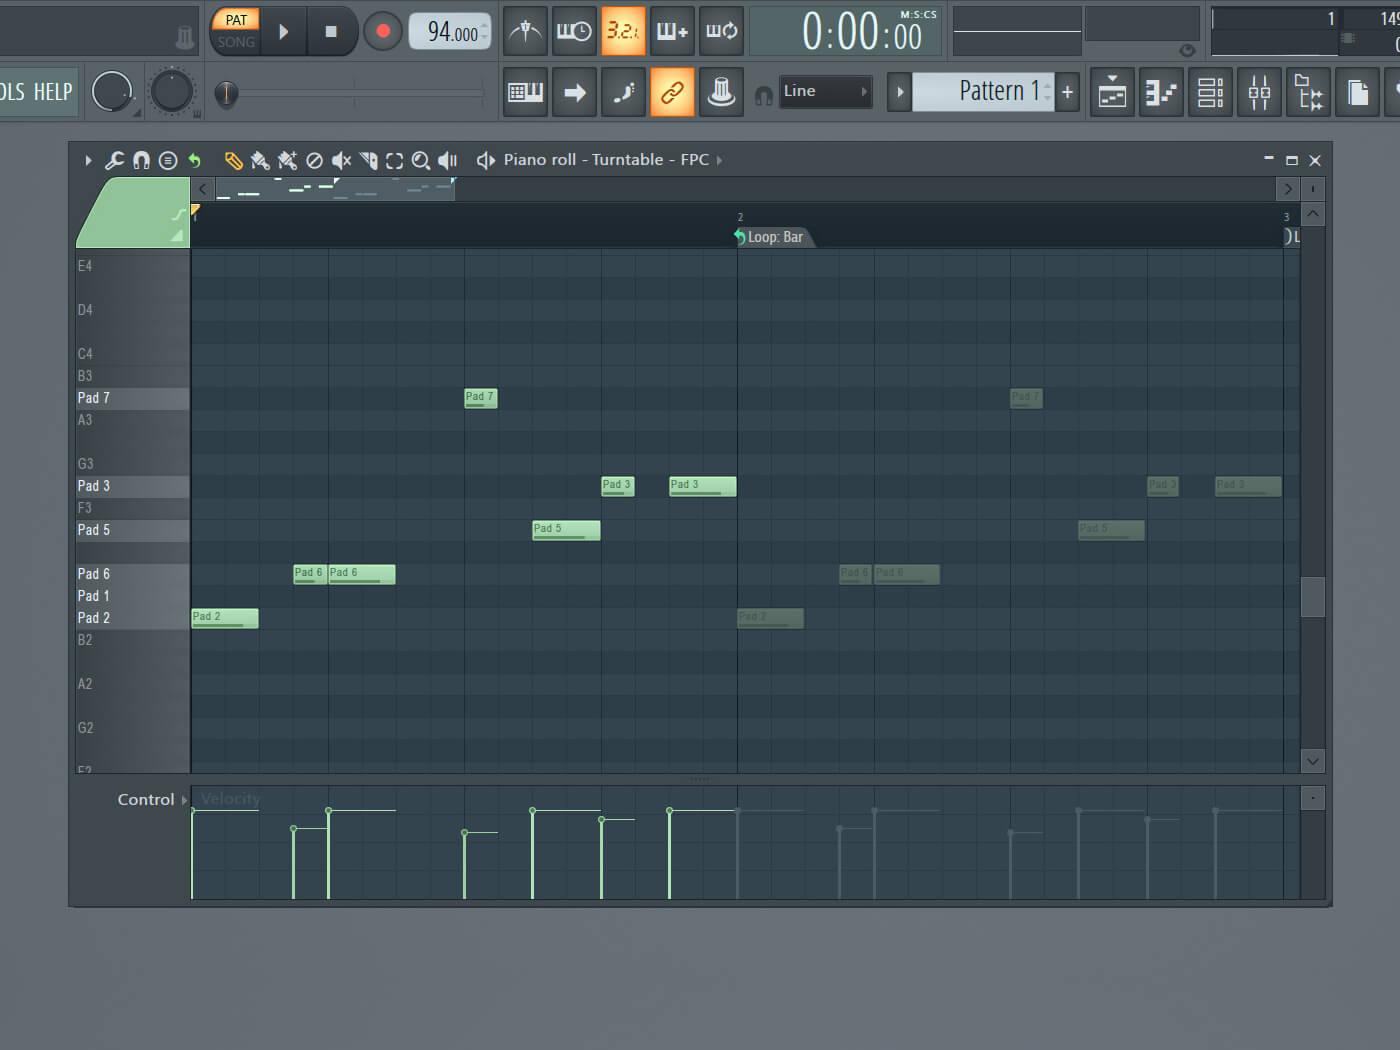 MT 205 FL Studio TUT Pt 18